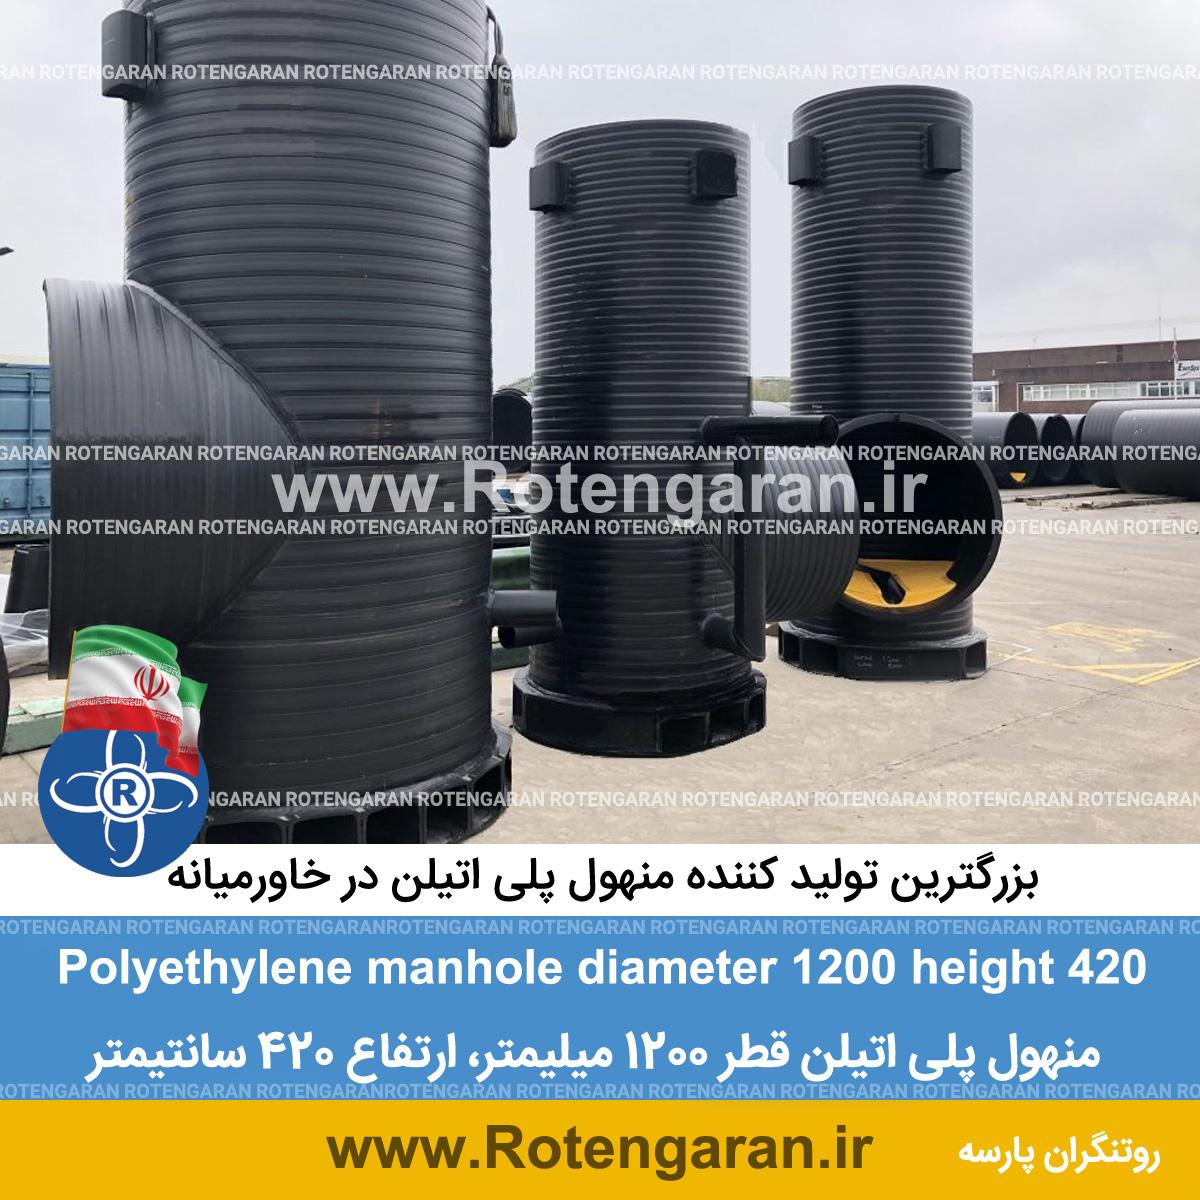 منهول پلی اتیلن قطر 1200 ارتفاع 420 سانتیمتر